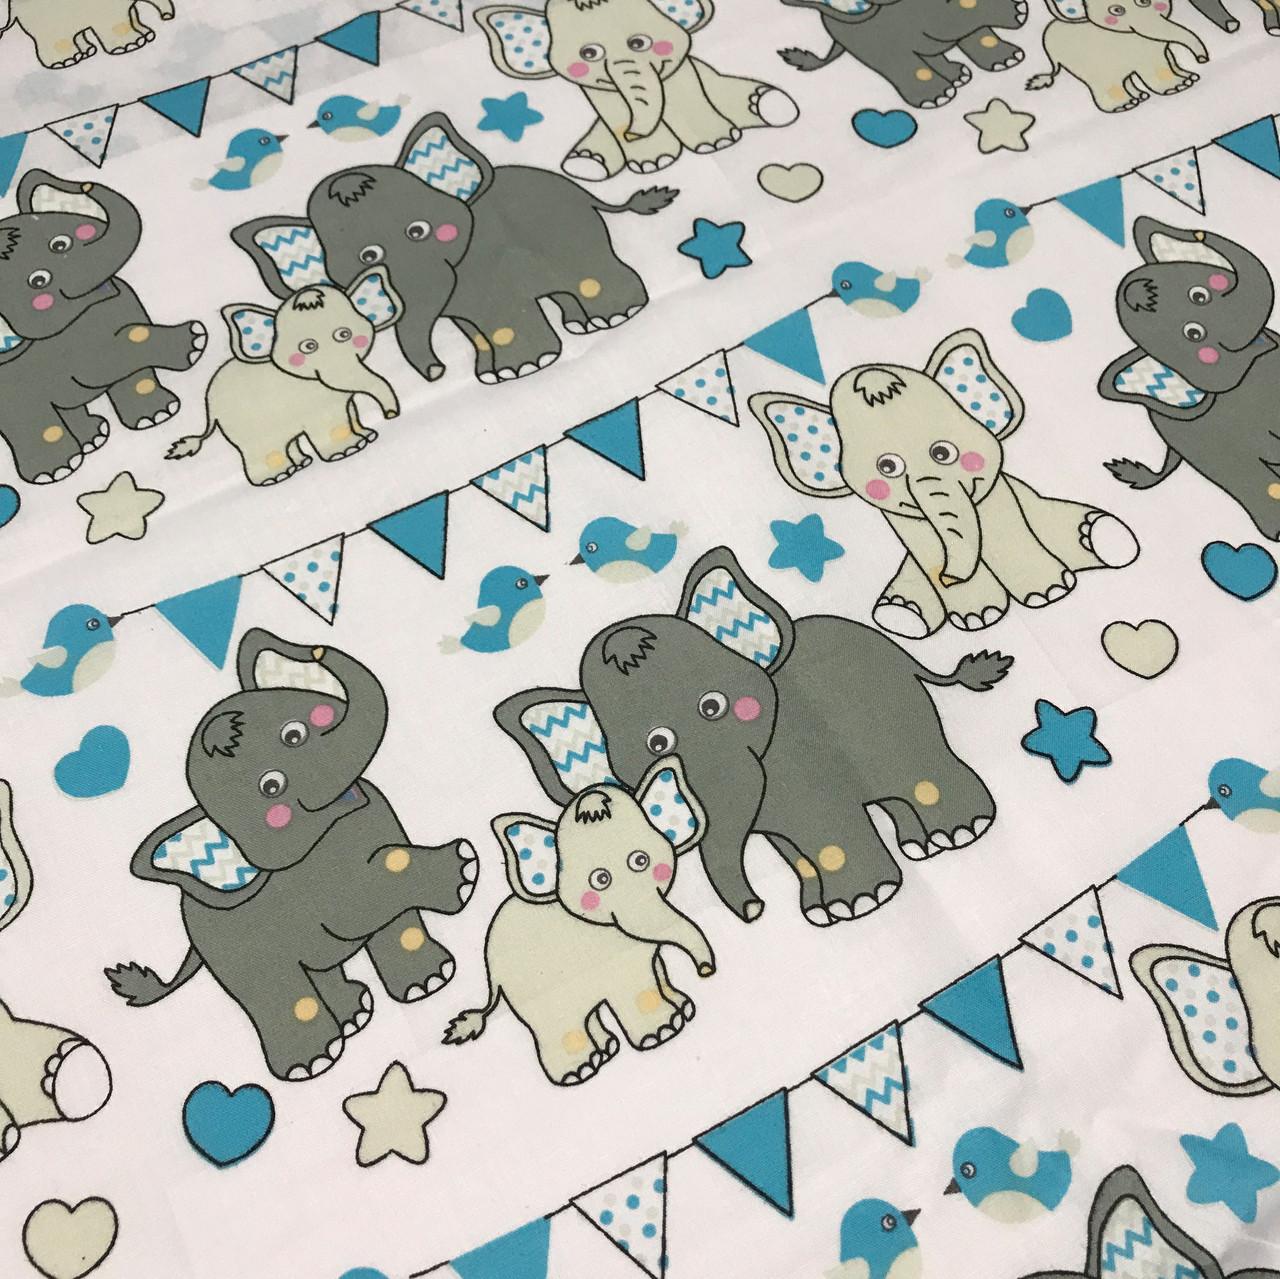 Хлопковая ткань польская слоники с треугольными флажками серо-бирюзовыми №153